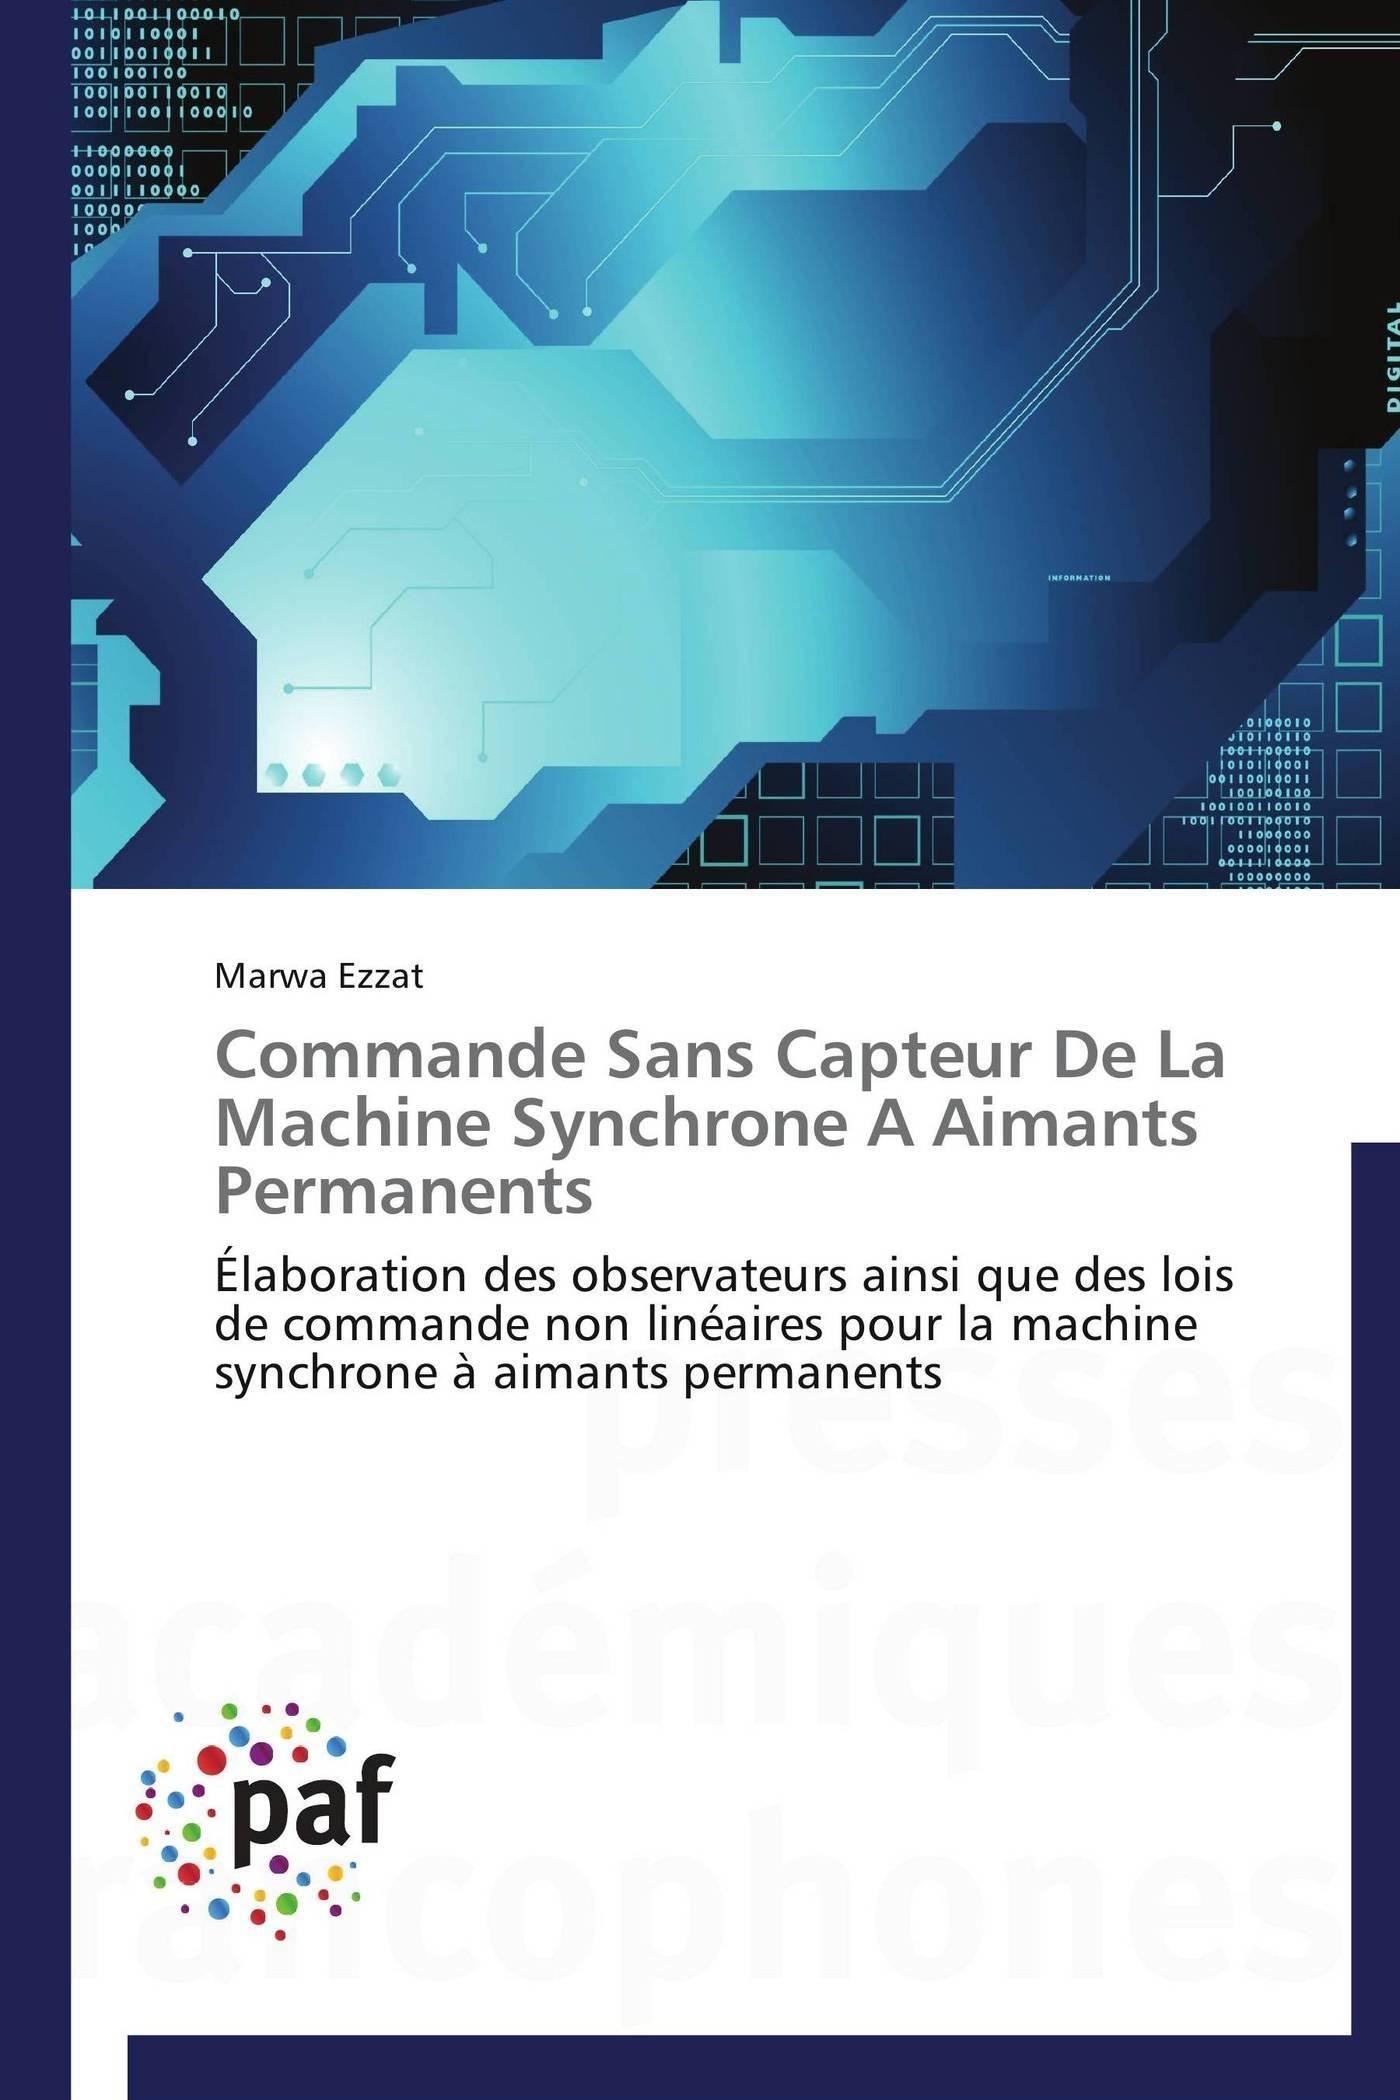 COMMANDE SANS CAPTEUR DE LA MACHINE SYNCHRONE A AIMANTS PERMANENTS